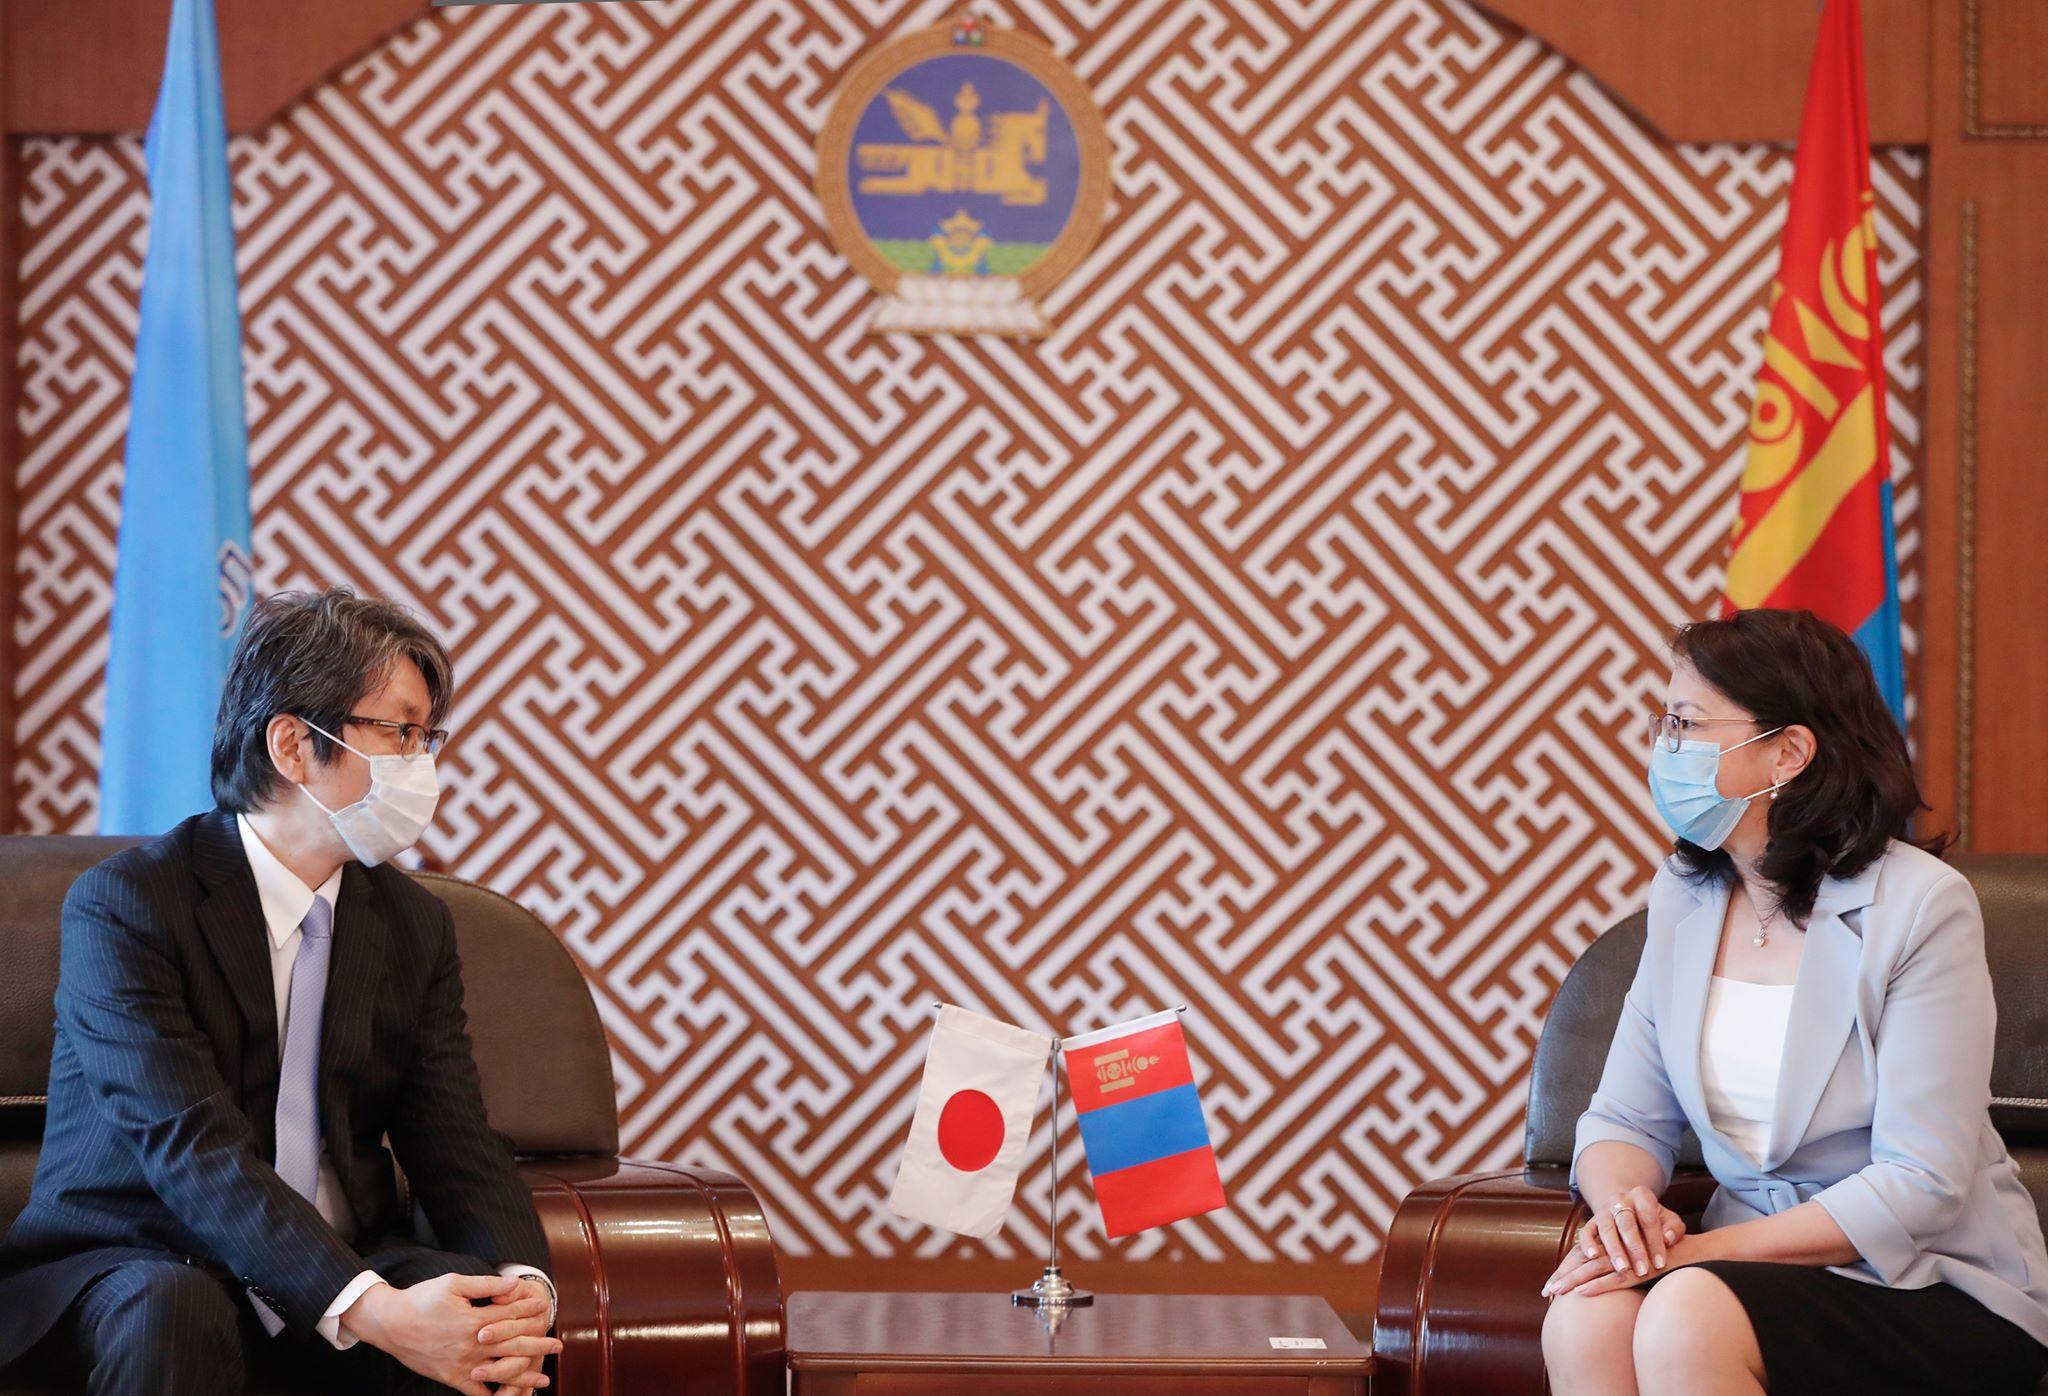 Япон улсын элчин сайд Кобаяши Хироюкитай уулзлаа